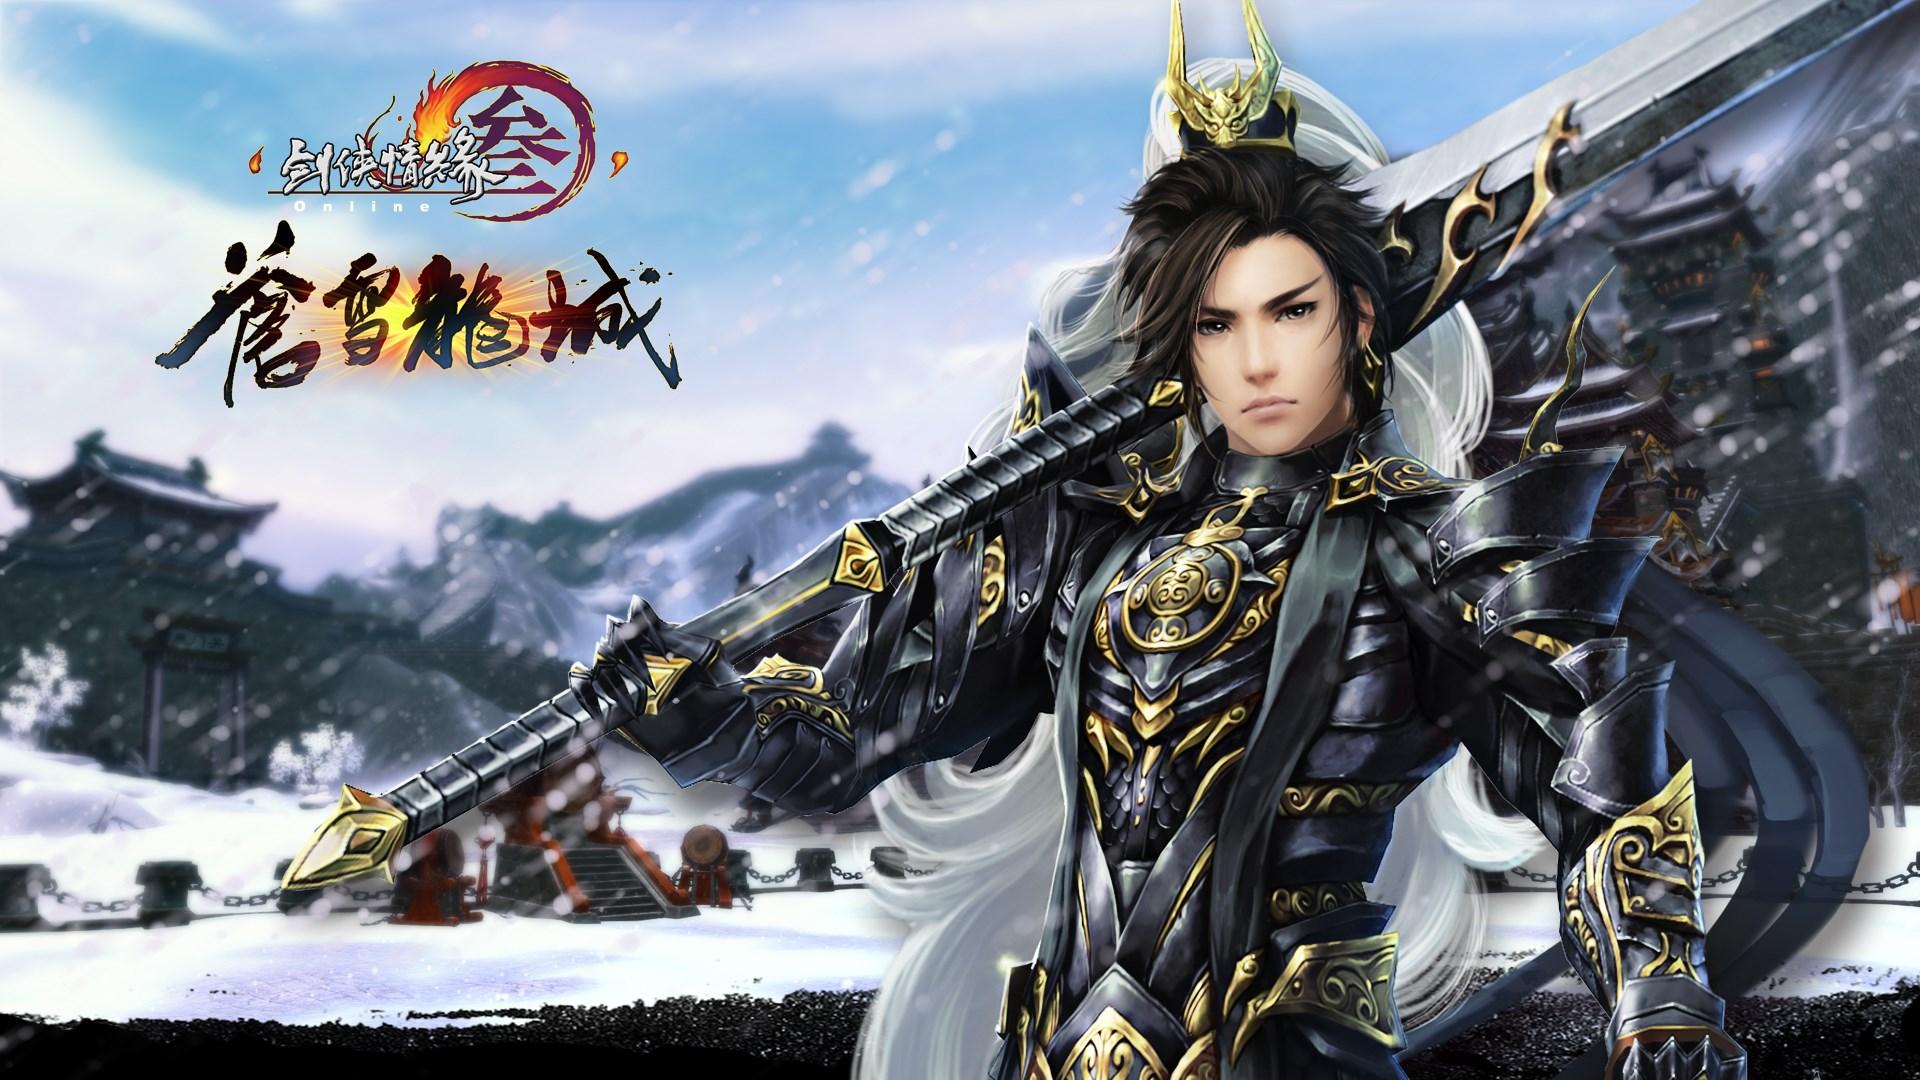 剑网三高清游戏壁纸 唯美人物画面呈现